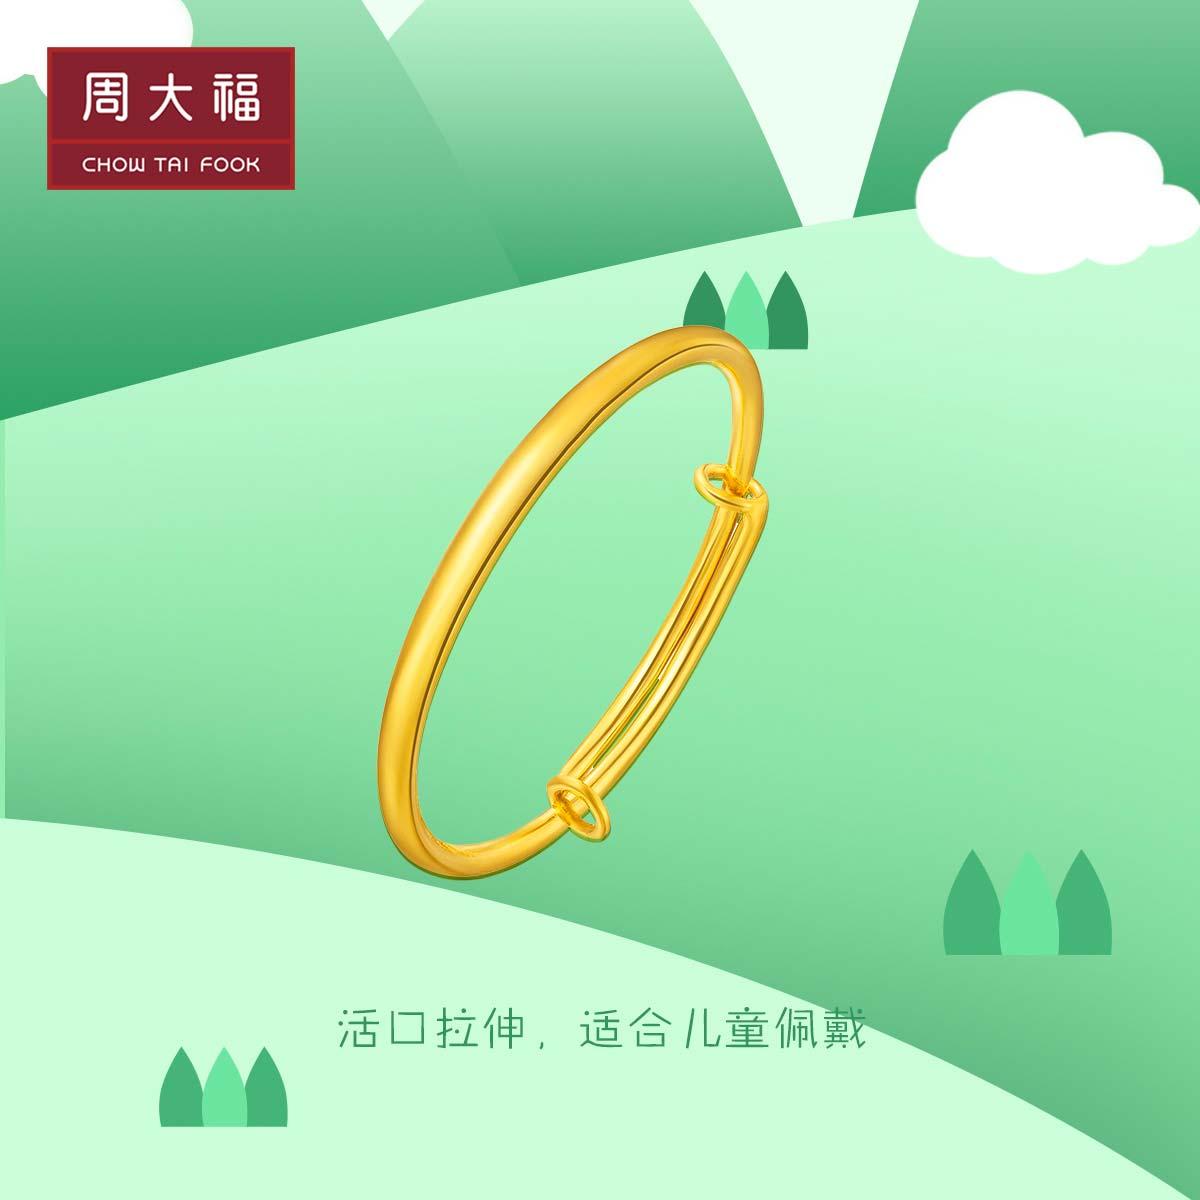 โจว Dafu เครื่องประดับเด็กเท้าทองสร้อยข้อมือเด็กทองคำราคา f217559การตรวจสอบ